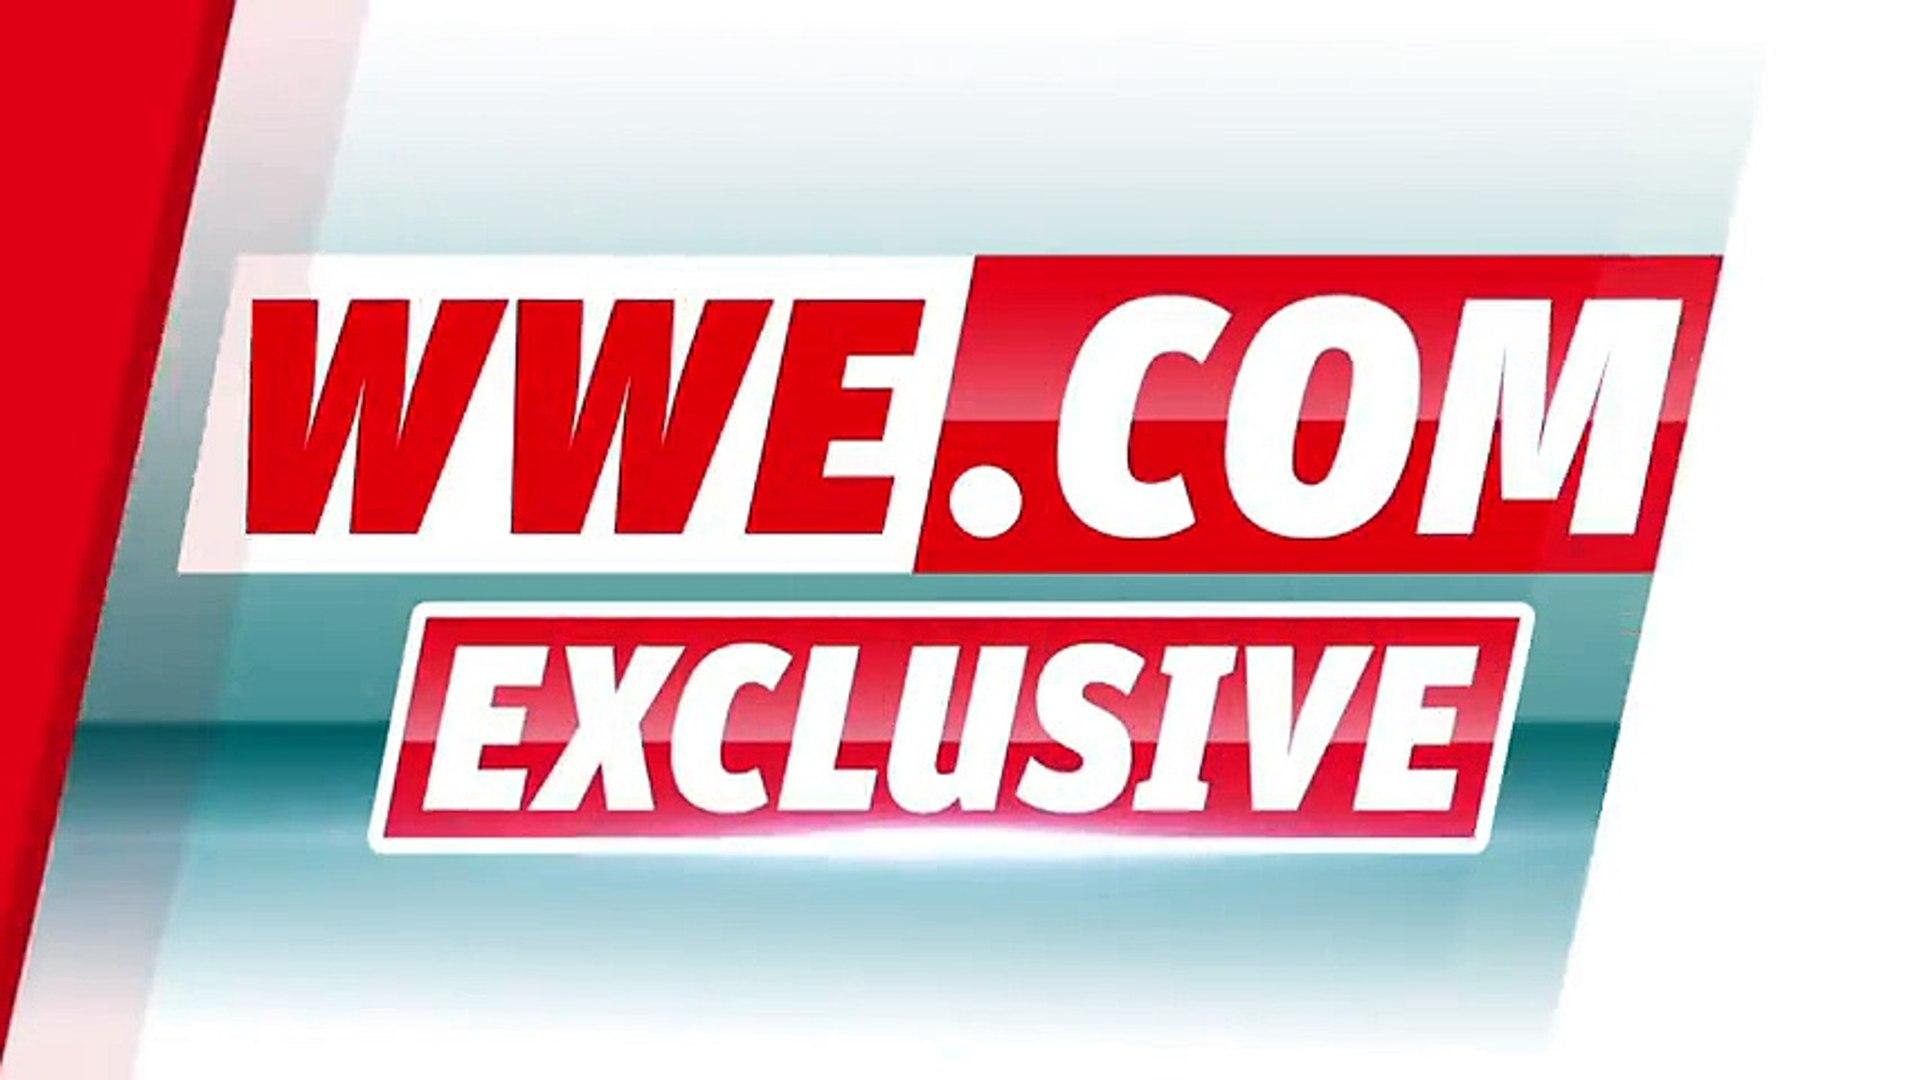 Dana Brooke is clueless: WWE.com Exclusive, October 7, 2015